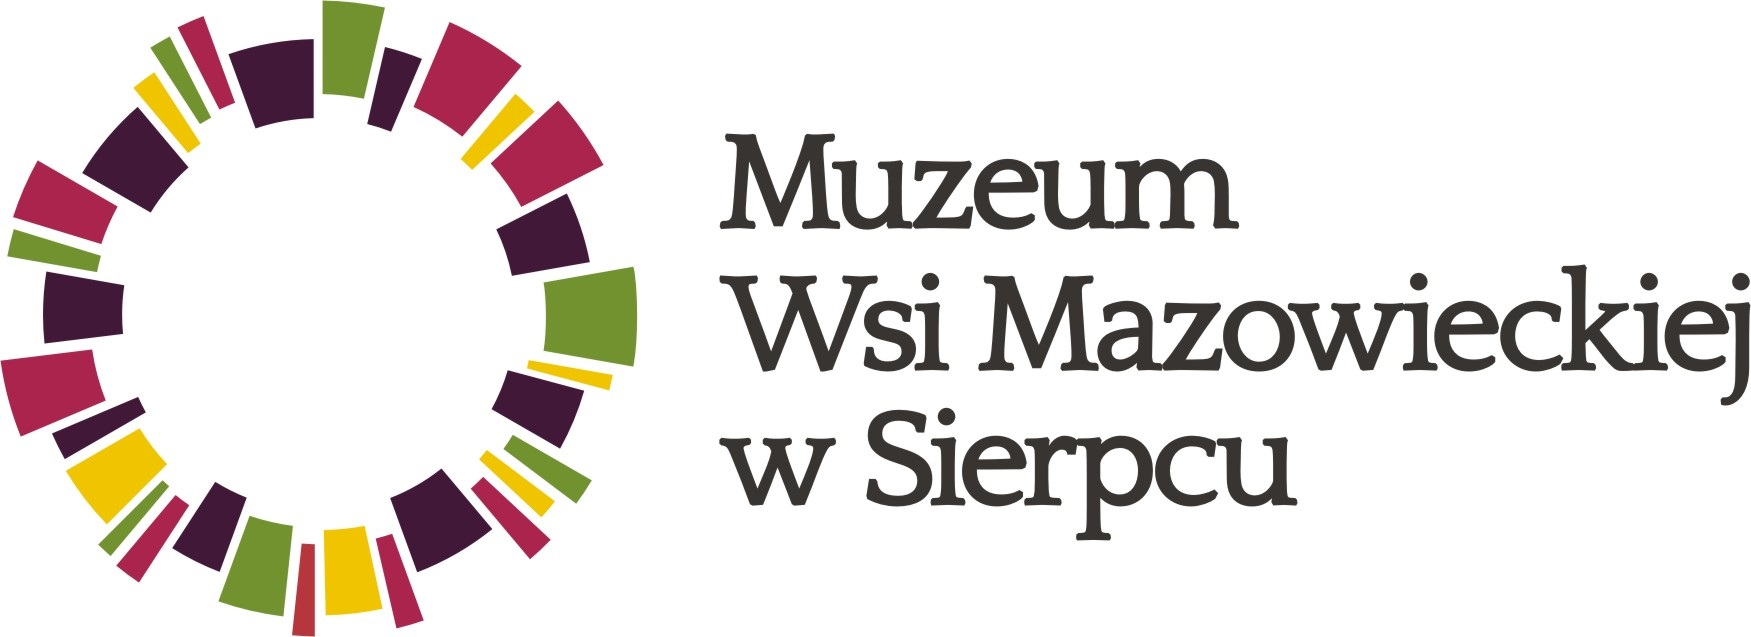 logo_wiosenna-oferta-muzeum-wsi-mazowieckiej-w-sierpcu